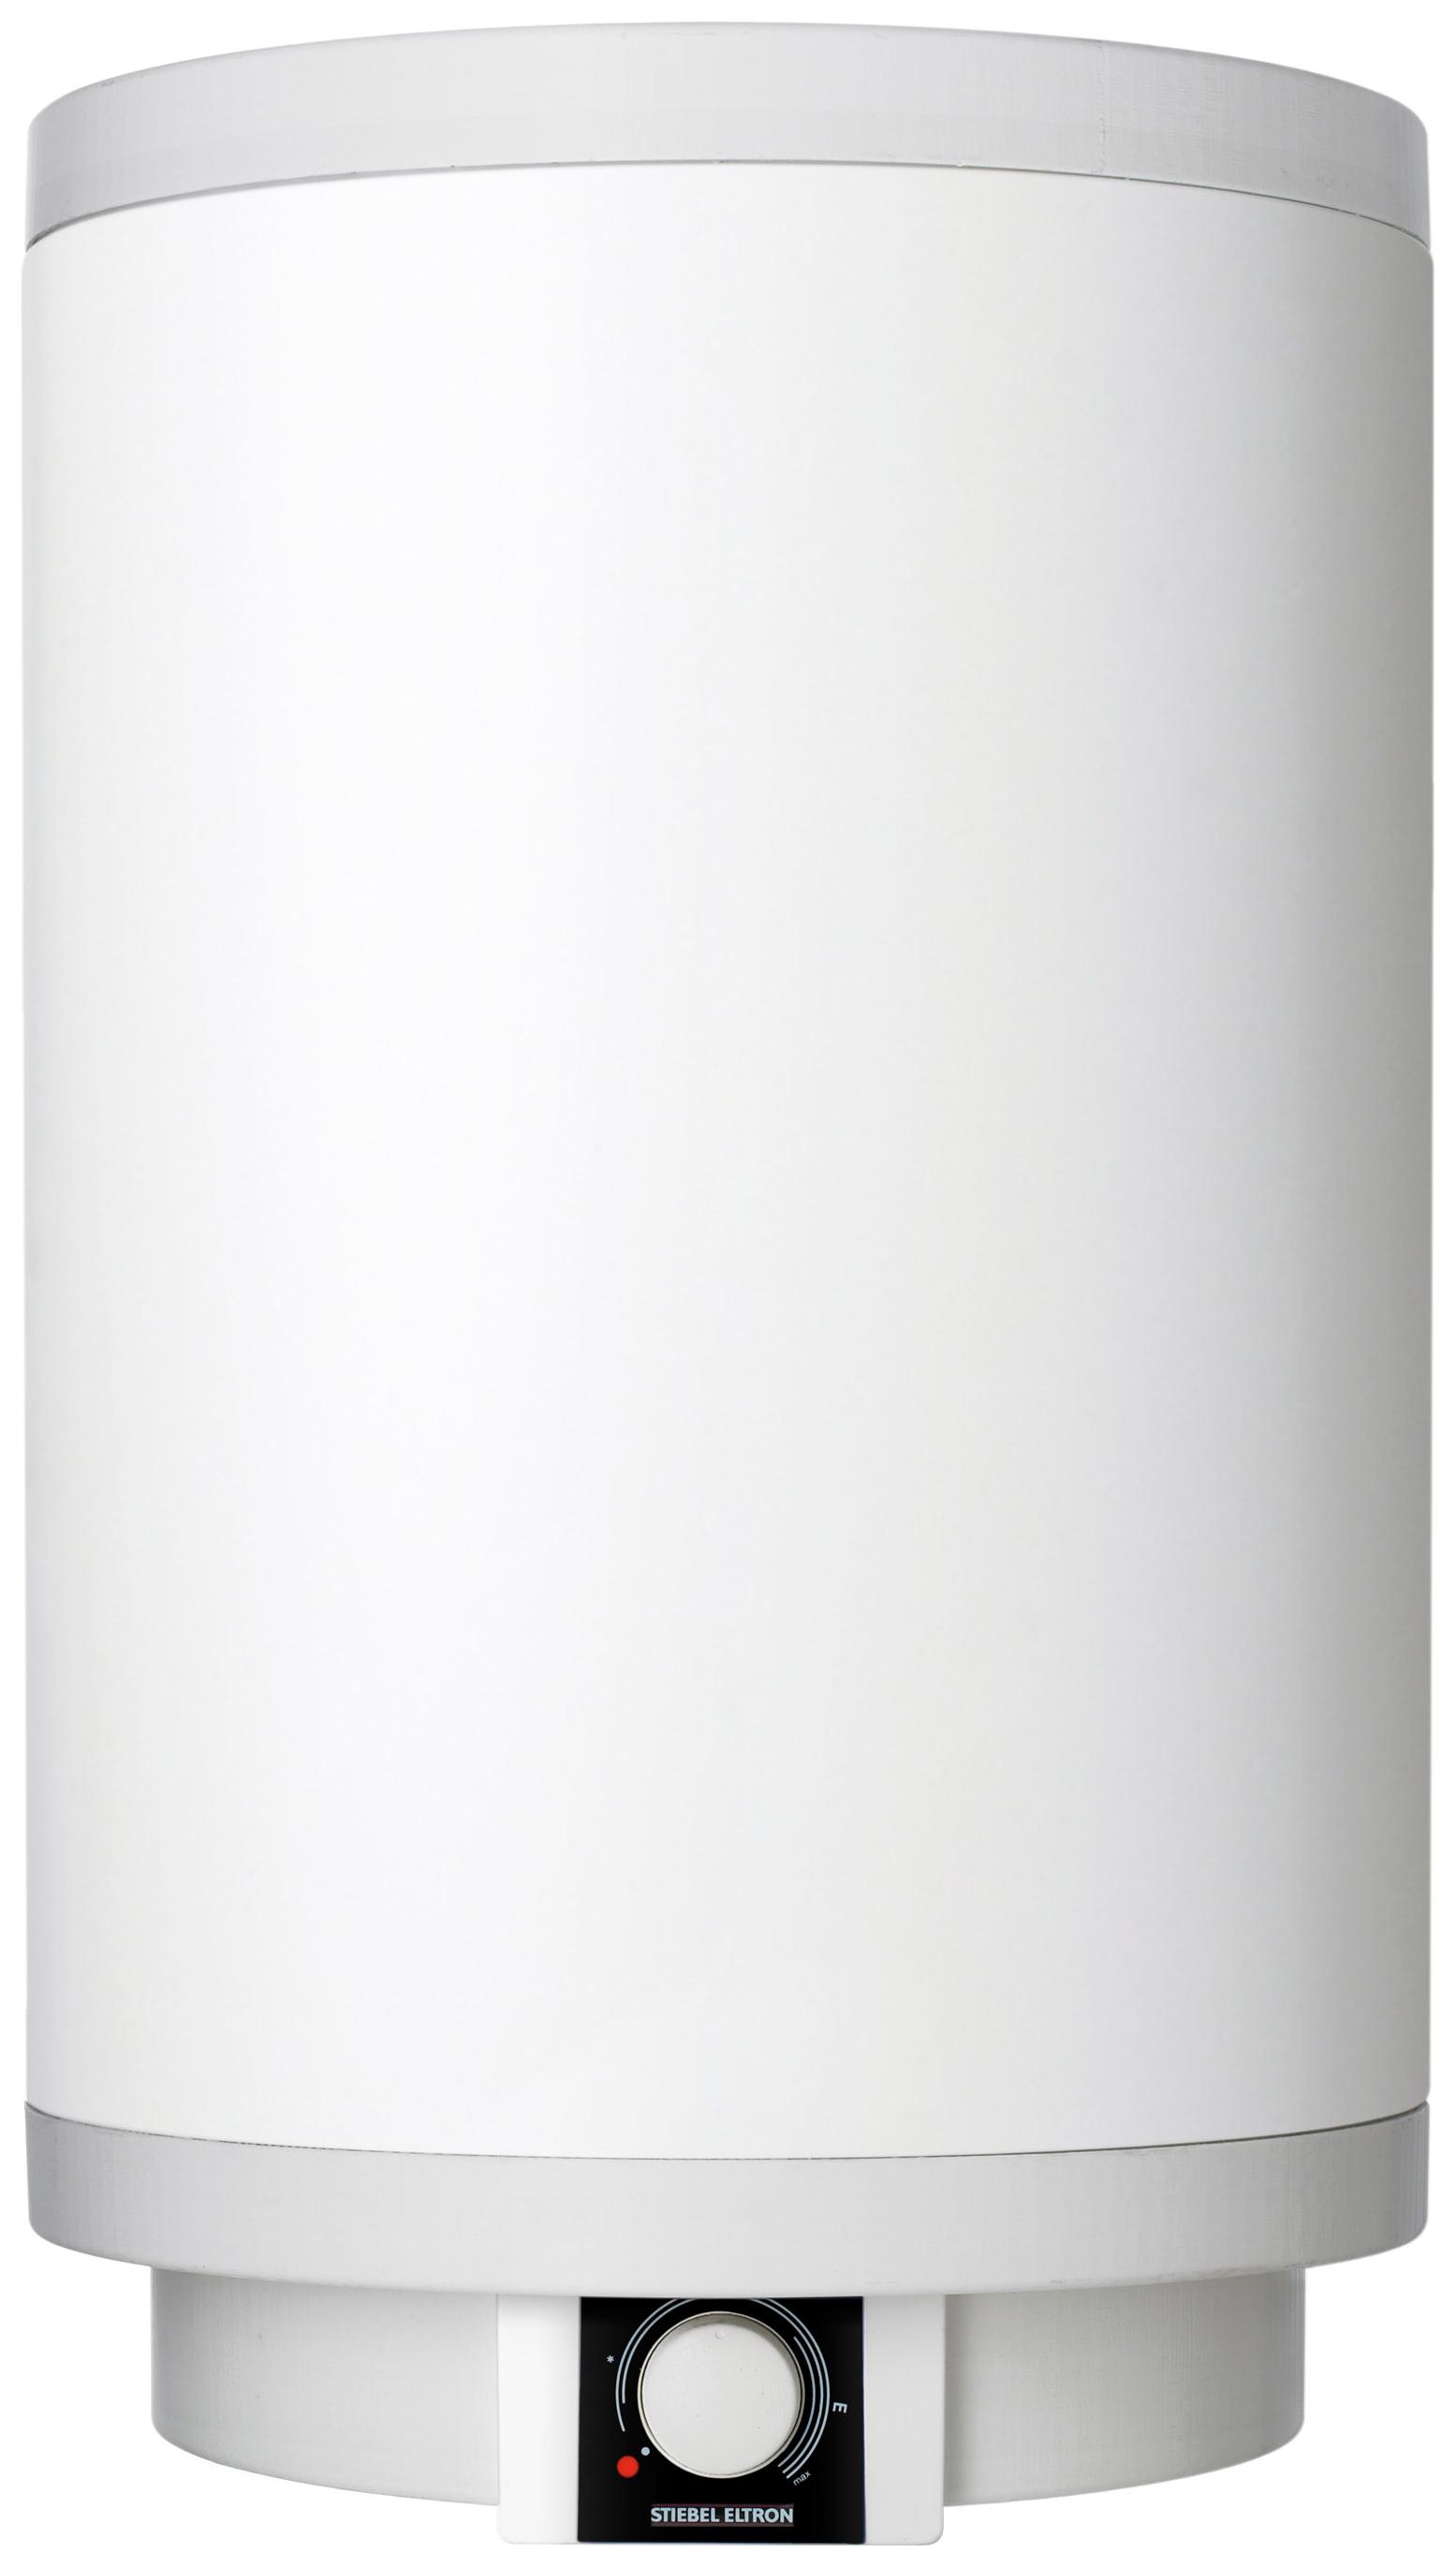 Водонагреватель накопительный STIEBEL ELTRON PSH 100 Trend white/grey фото